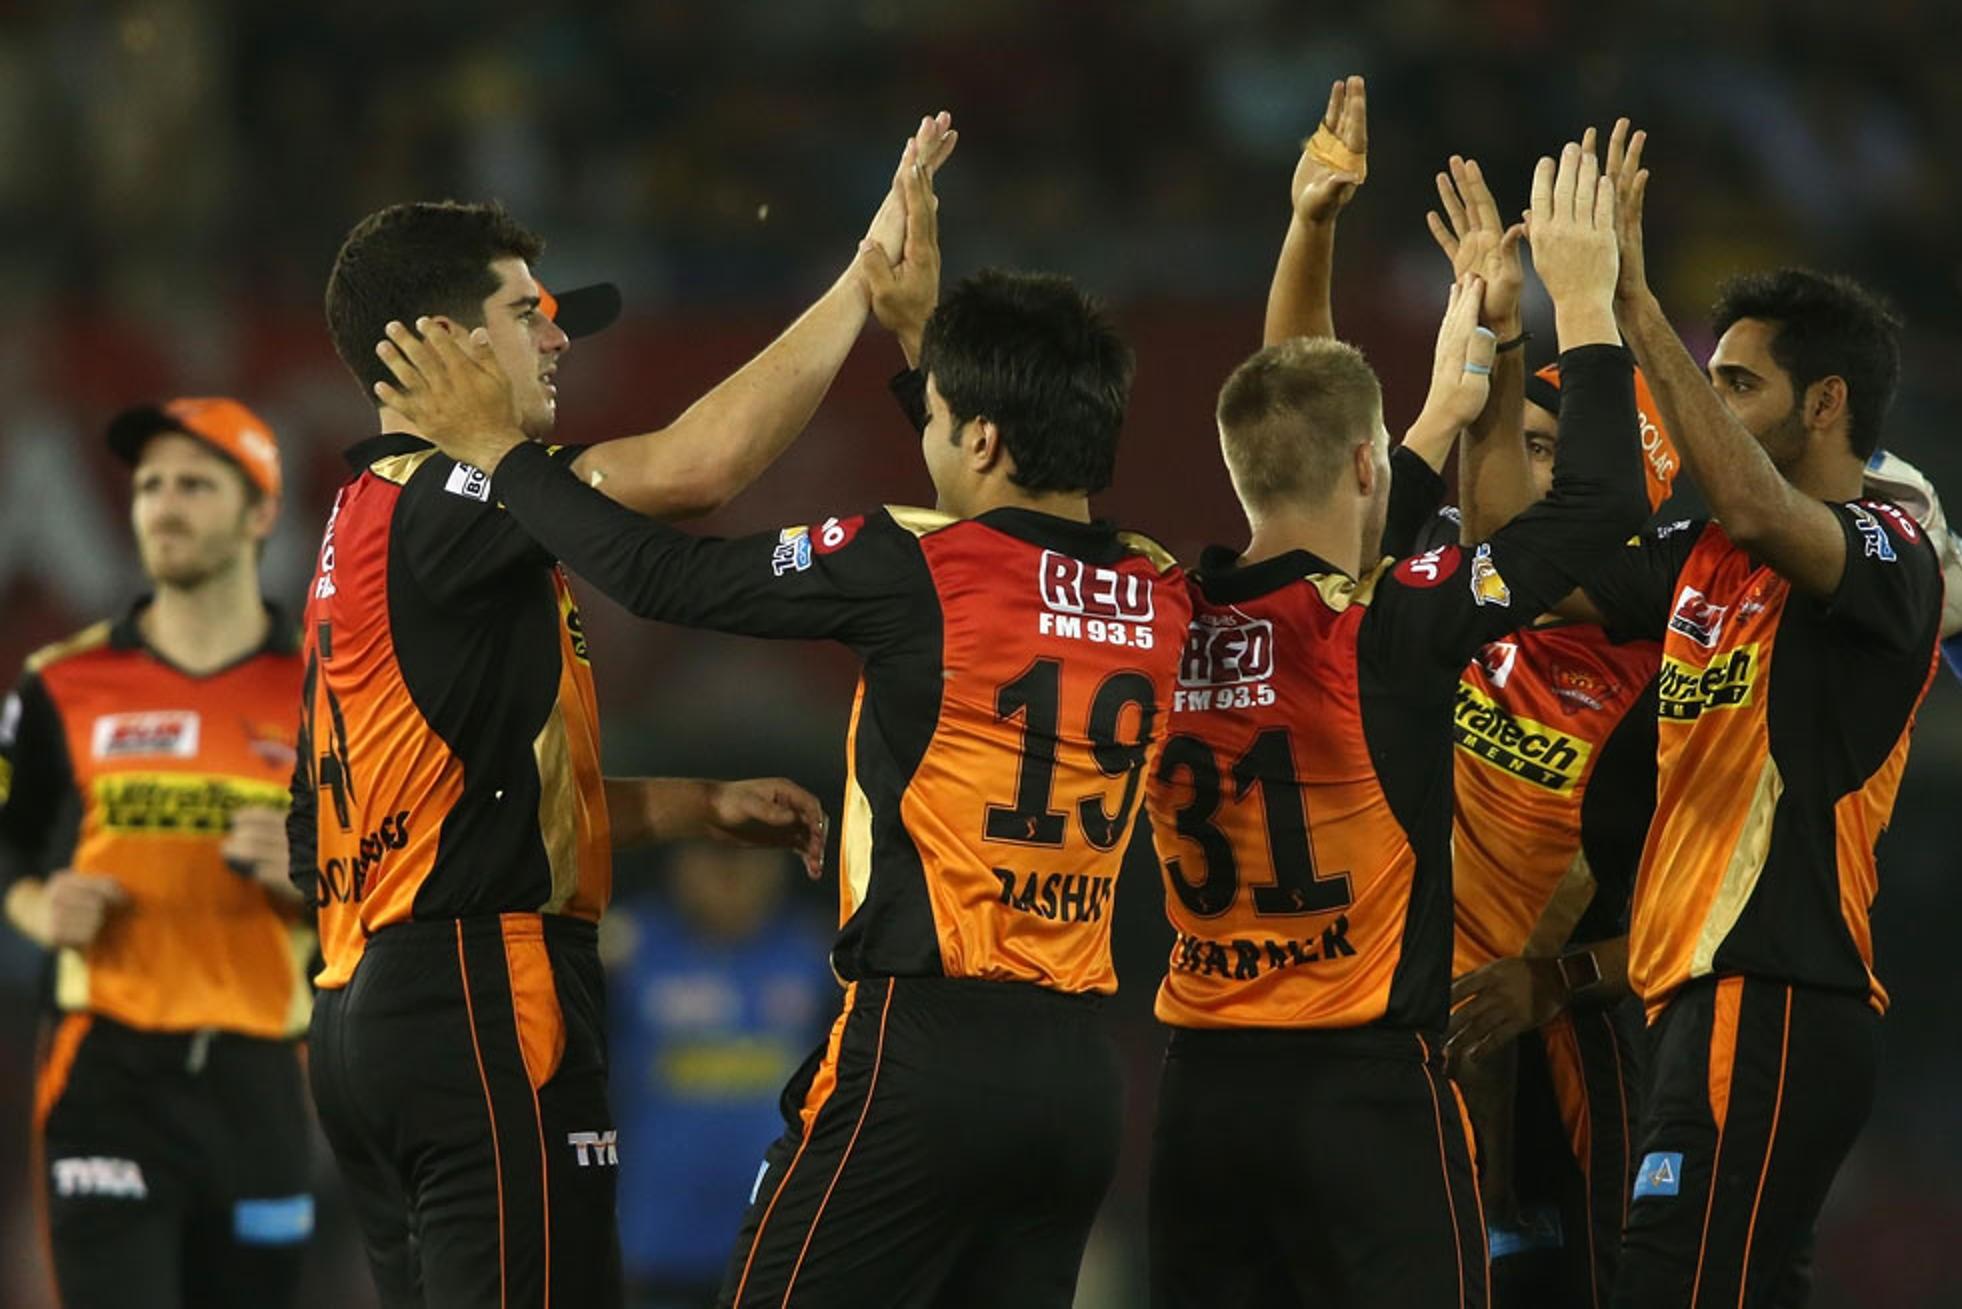 पंजाब के इस खिलाड़ी ने ही दिलाया हैदराबाद को जीत, जिसके बाद सहवाग दिखायेंगे इसे पंजाब से बाहर का रास्ता